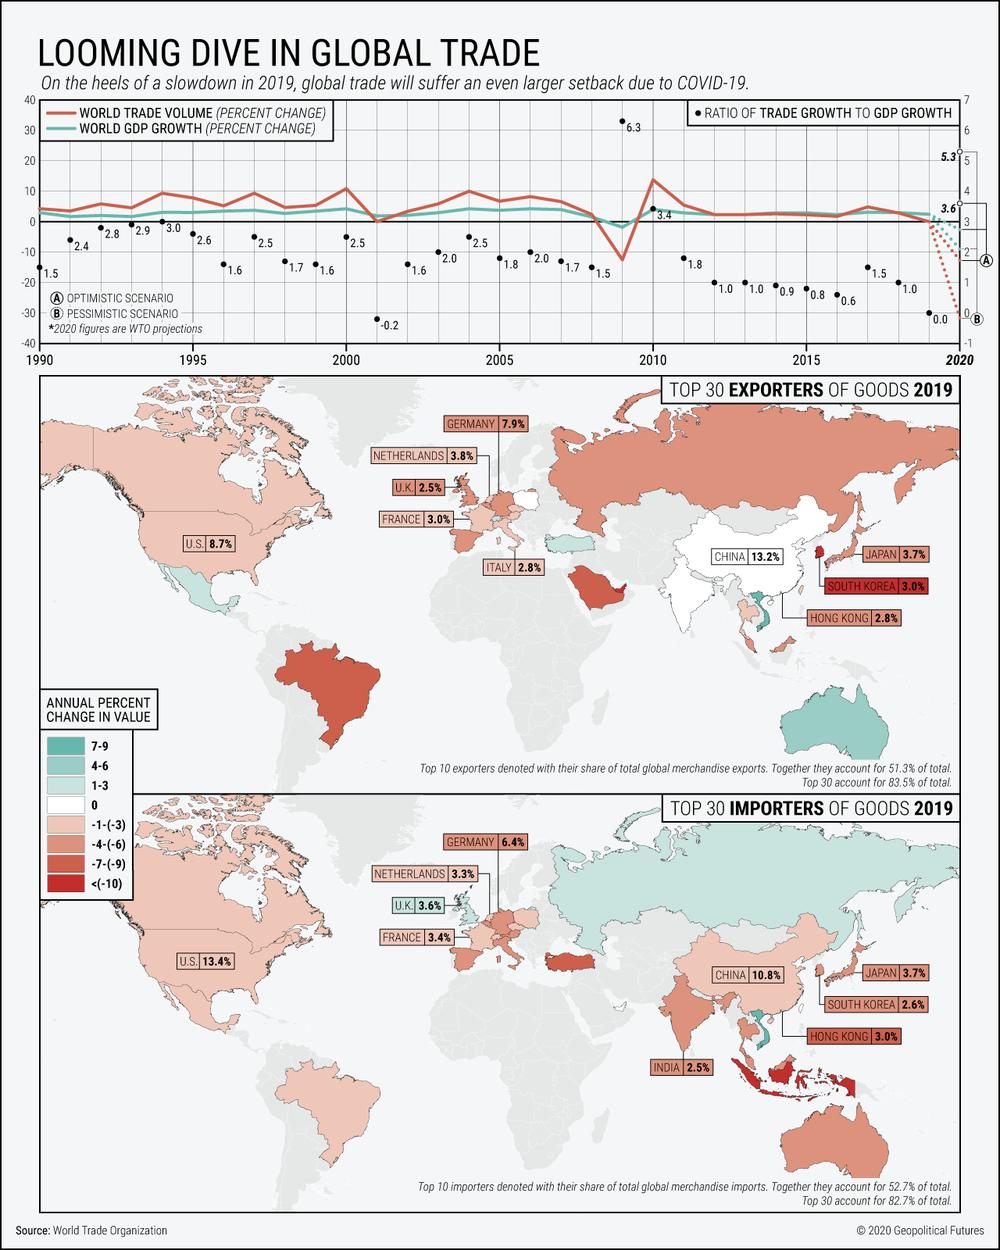 прогноз світової економіки 2020